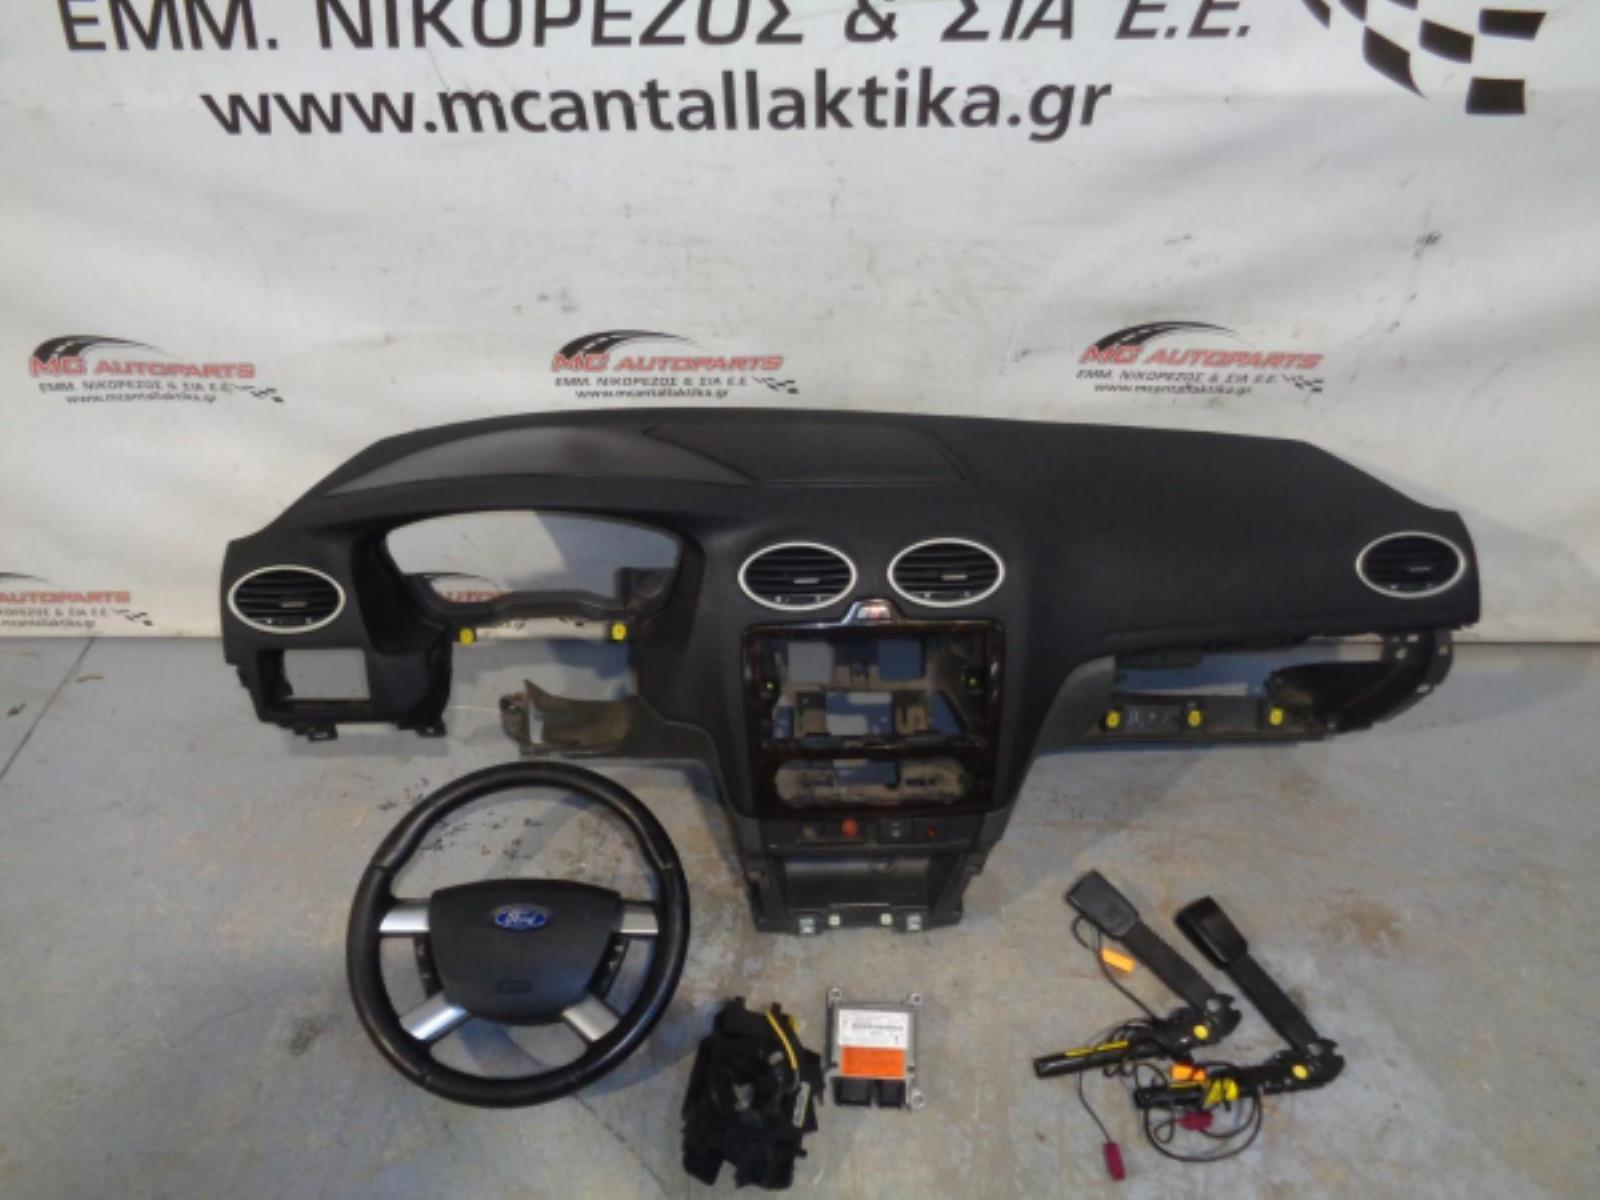 Εικόνα από Αερόσακος  Set  FORD FOCUS (2004-2008)     Οδηγού(1 μπριζα),ταμπλό με συνοδηγού,2 προεντατήρες ζώνης,ταινία,εγκέφαλος airbag